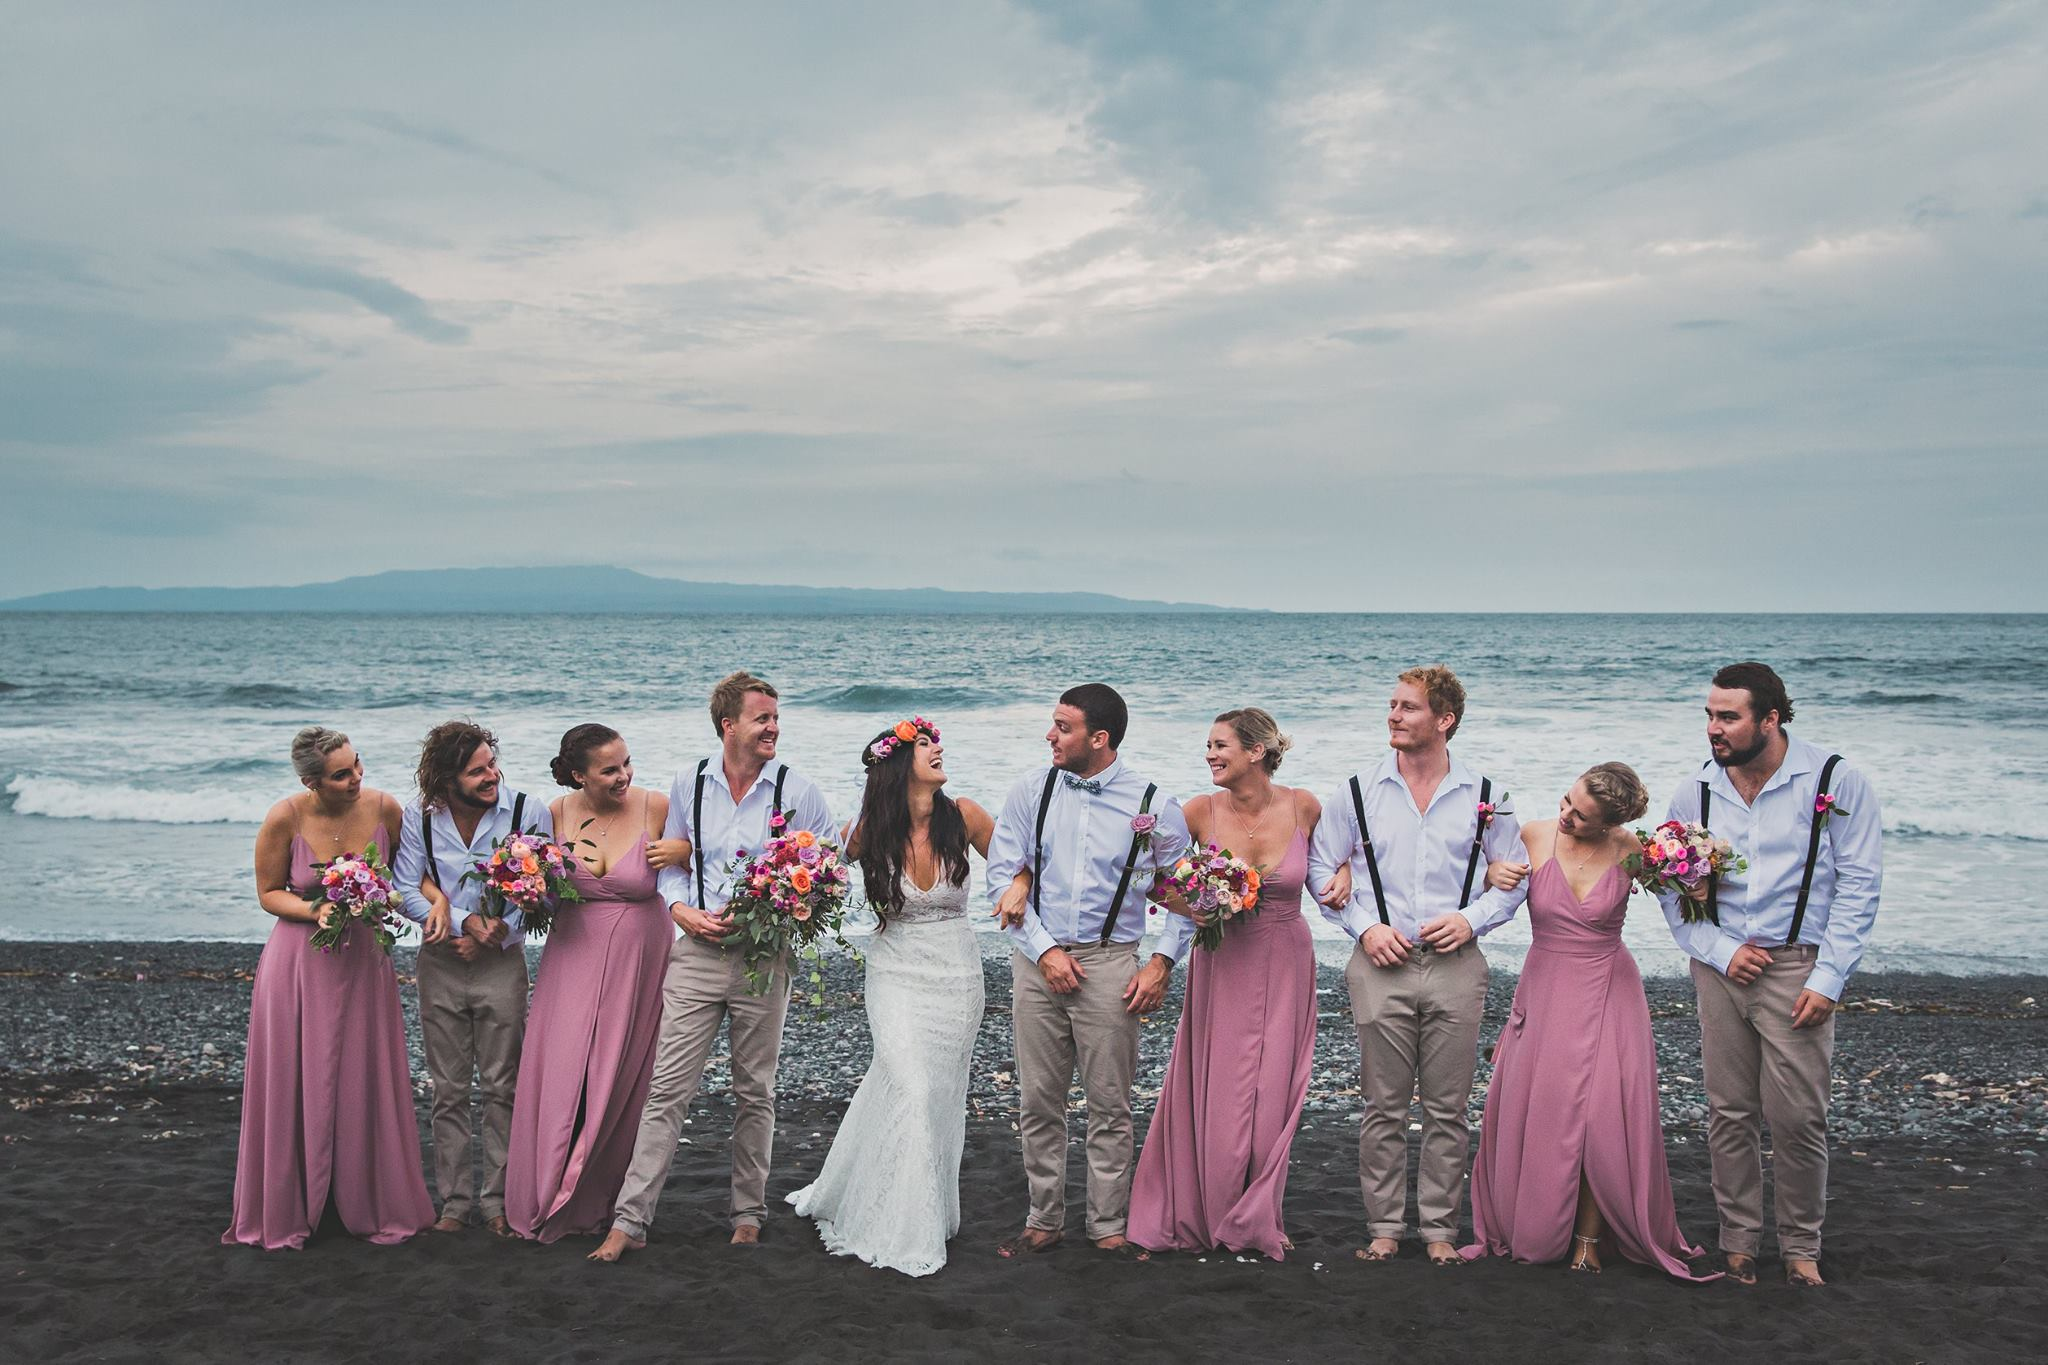 bali wedding PHOTOGRAPHER Valentino Ruya